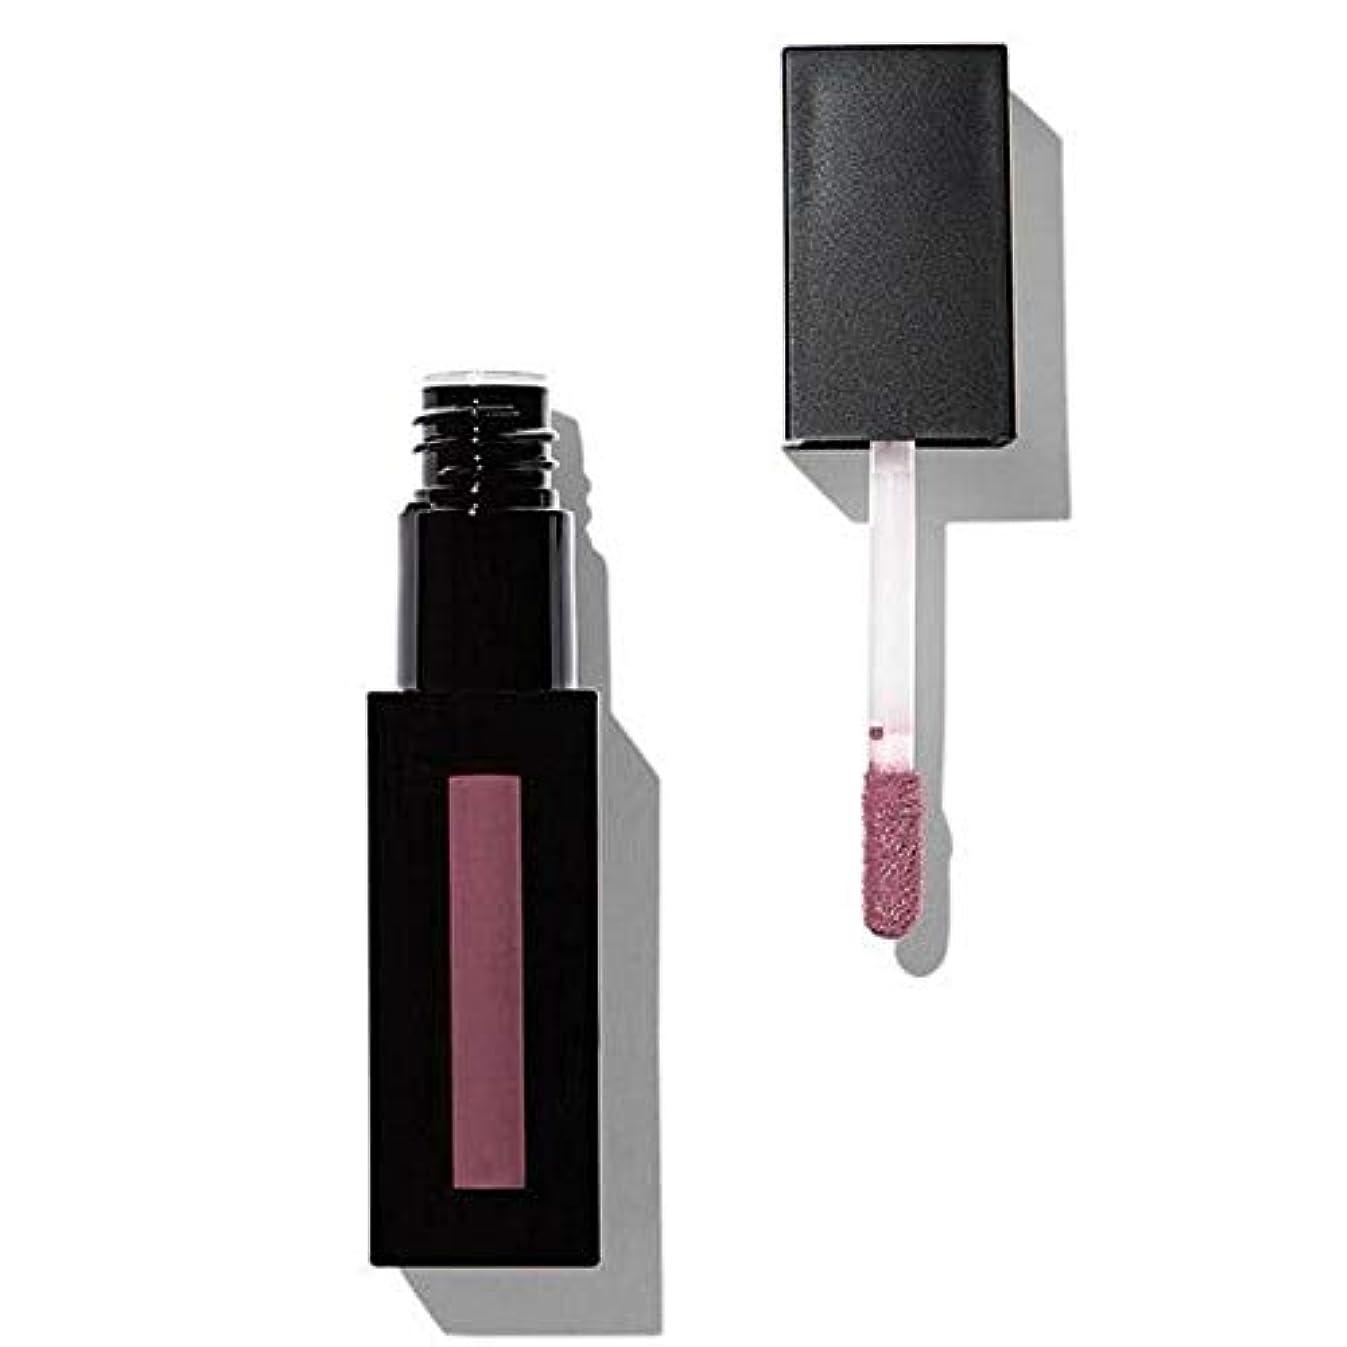 [Revolution ] 革命プロ最高のマットリップ顔料先見の明 - Revolution Pro Supreme Matte Lip Pigment Visionary [並行輸入品]